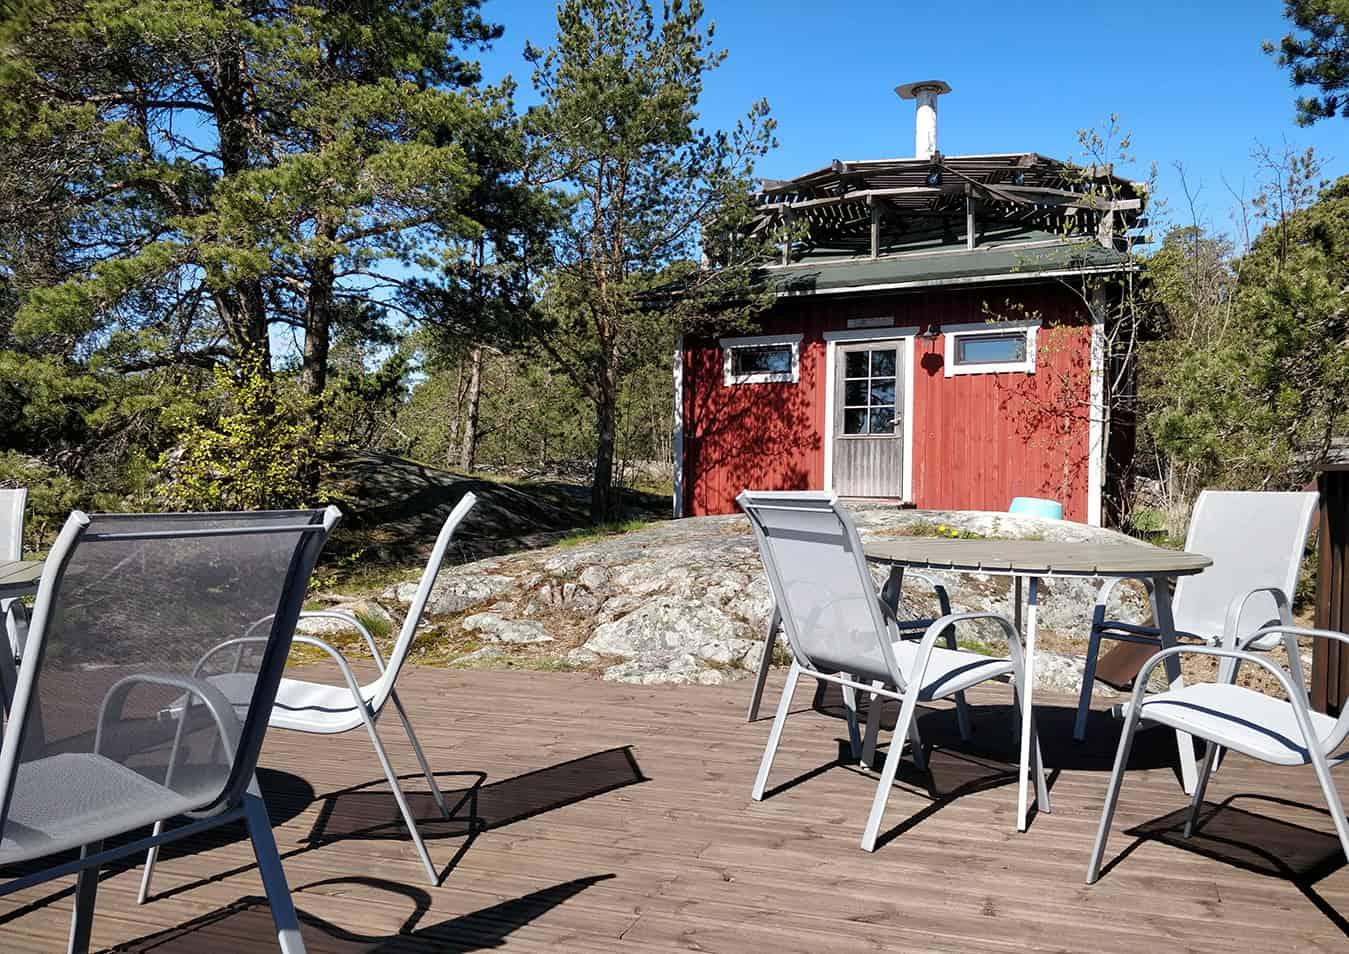 Bord och stolar på terrassen.